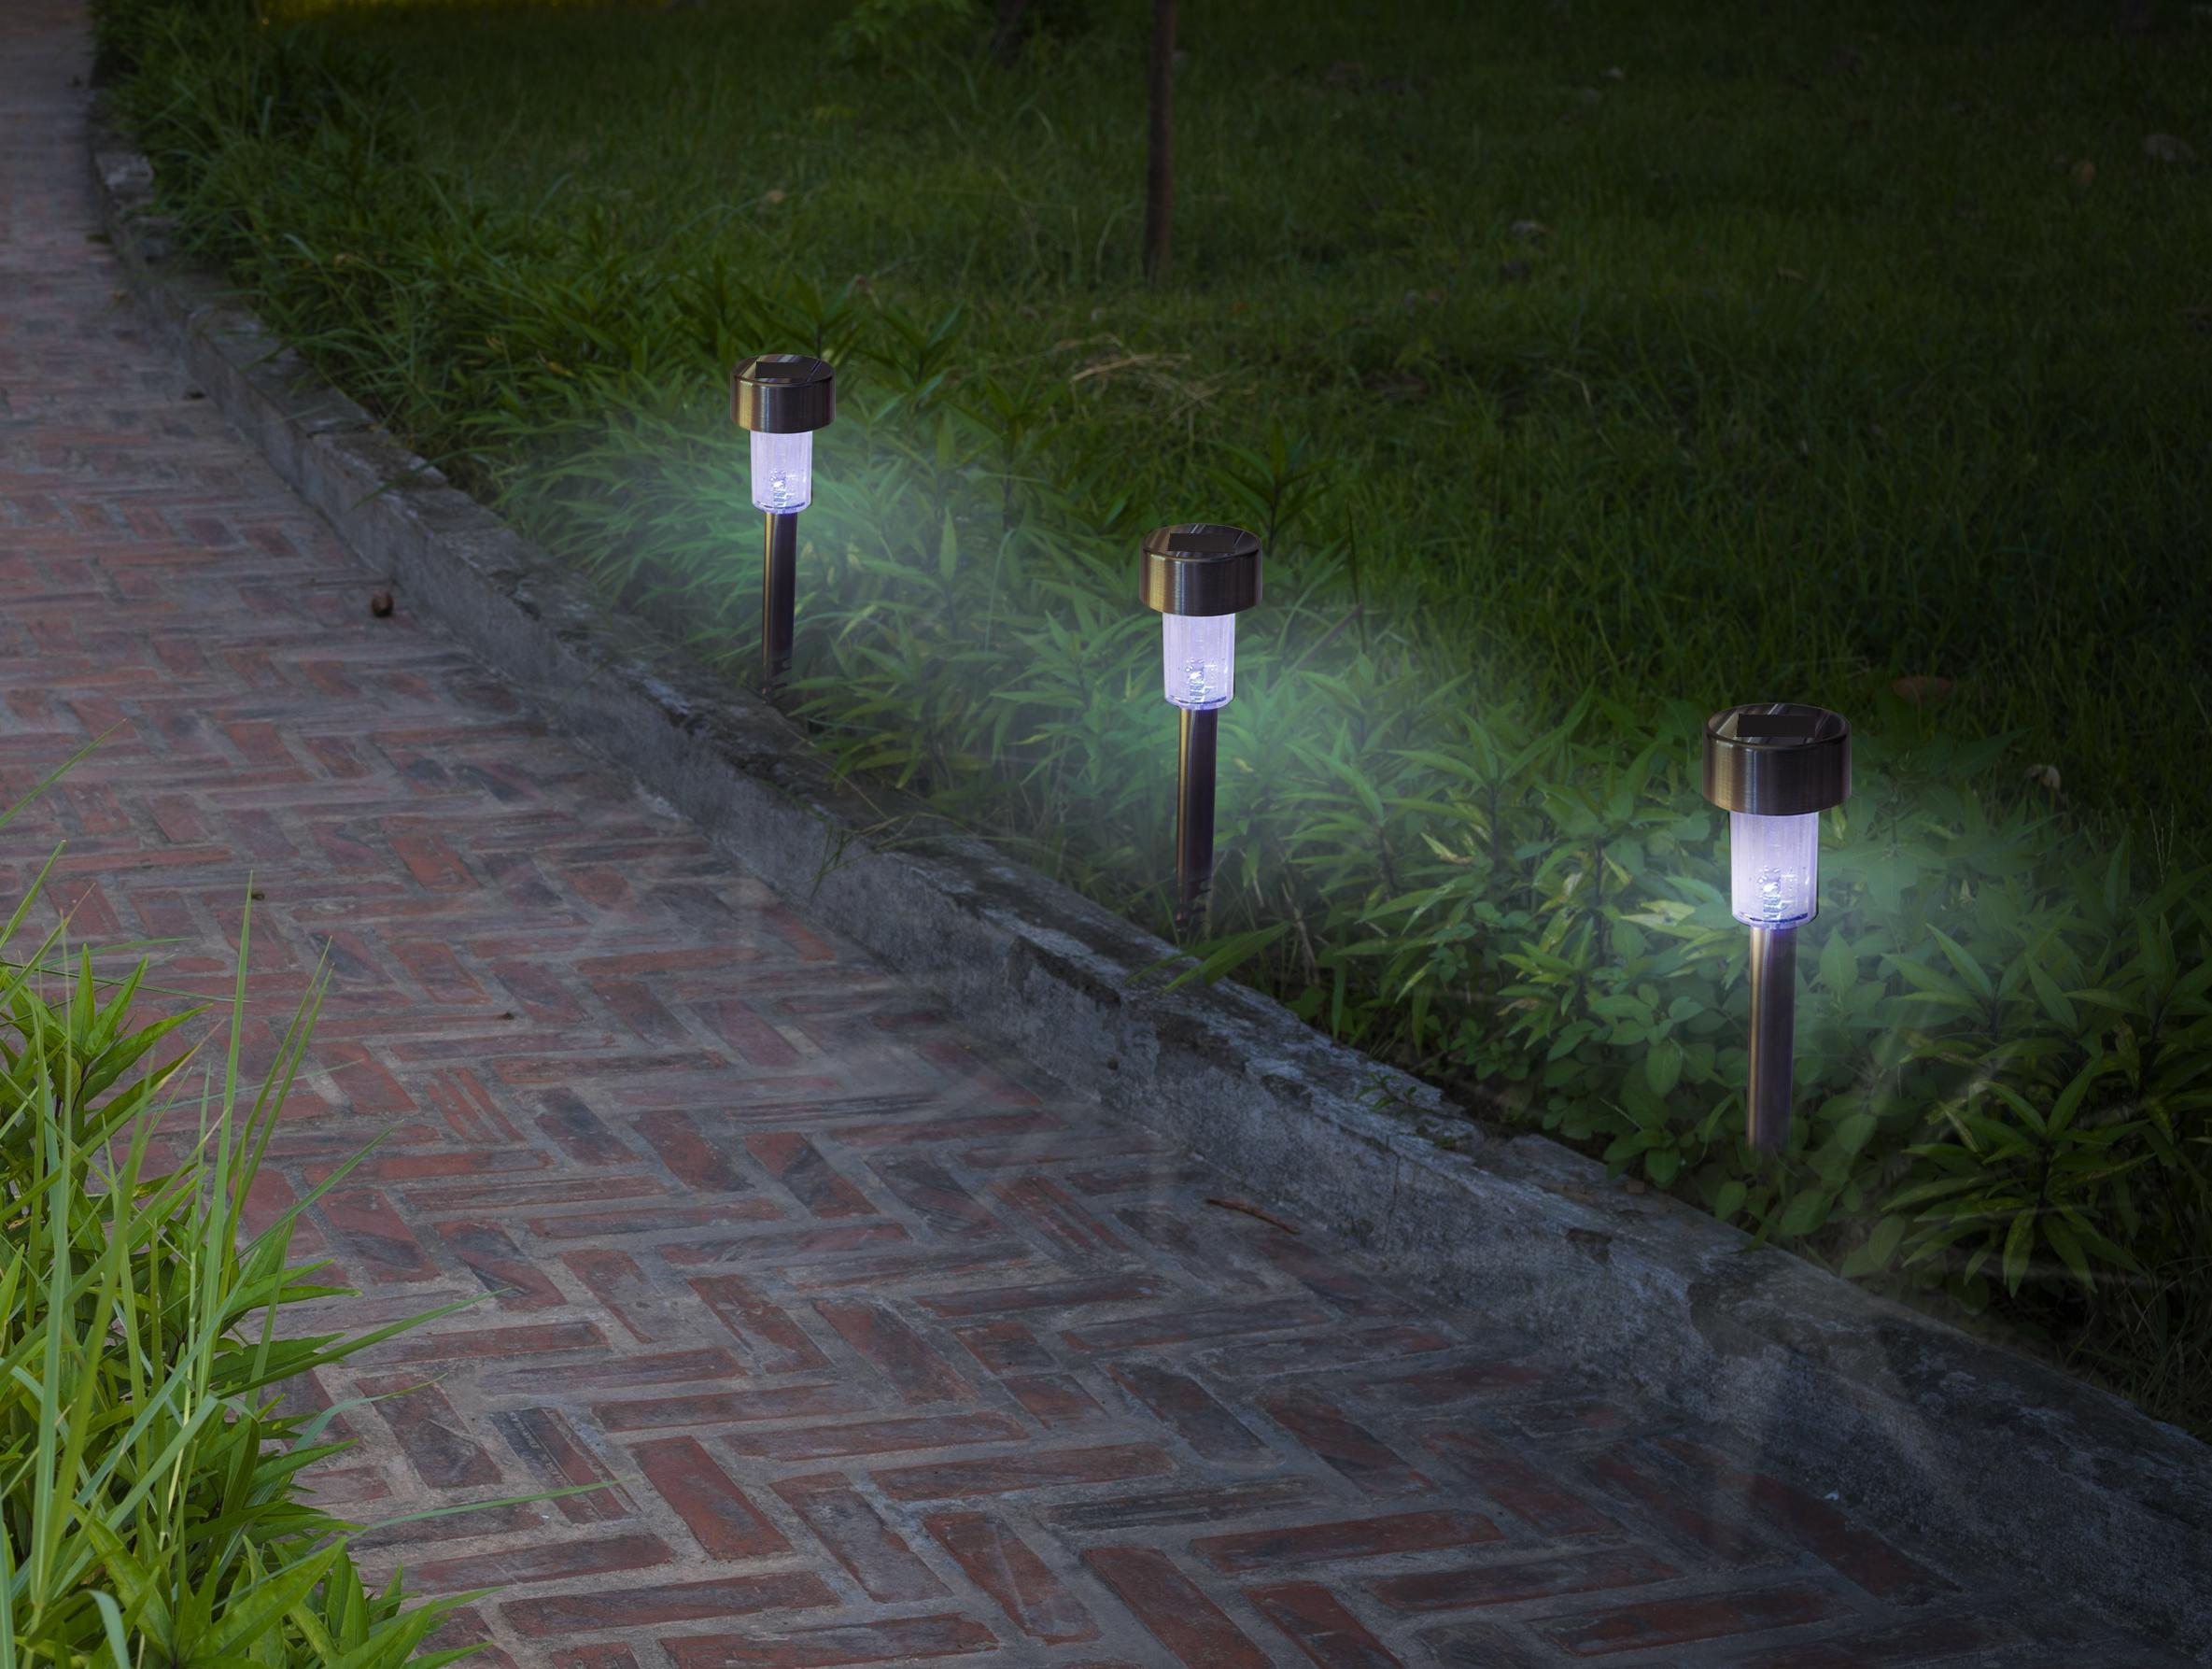 Prodotti per illuminare il giardino - Illuminare il giardino ...